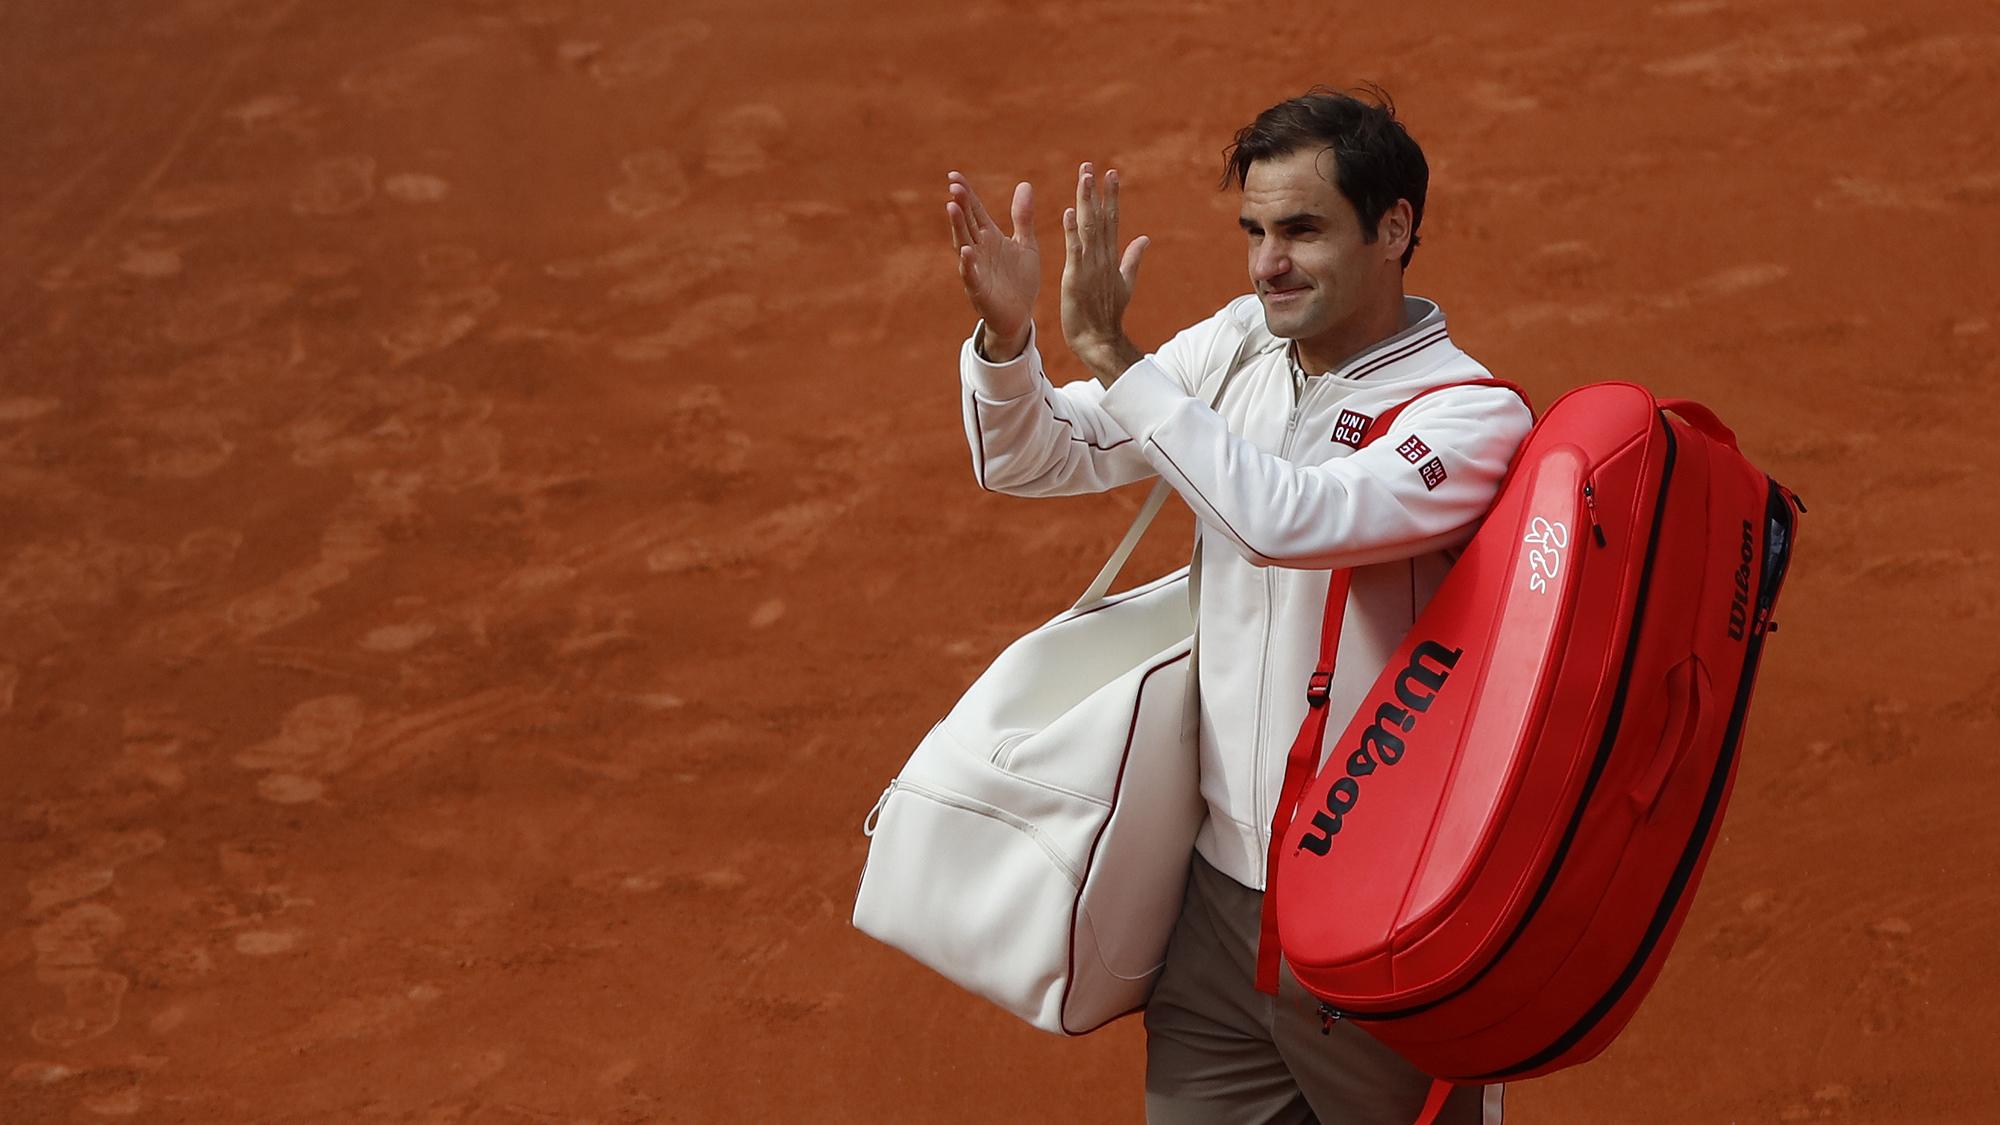 Roger Federer French Open mailbag